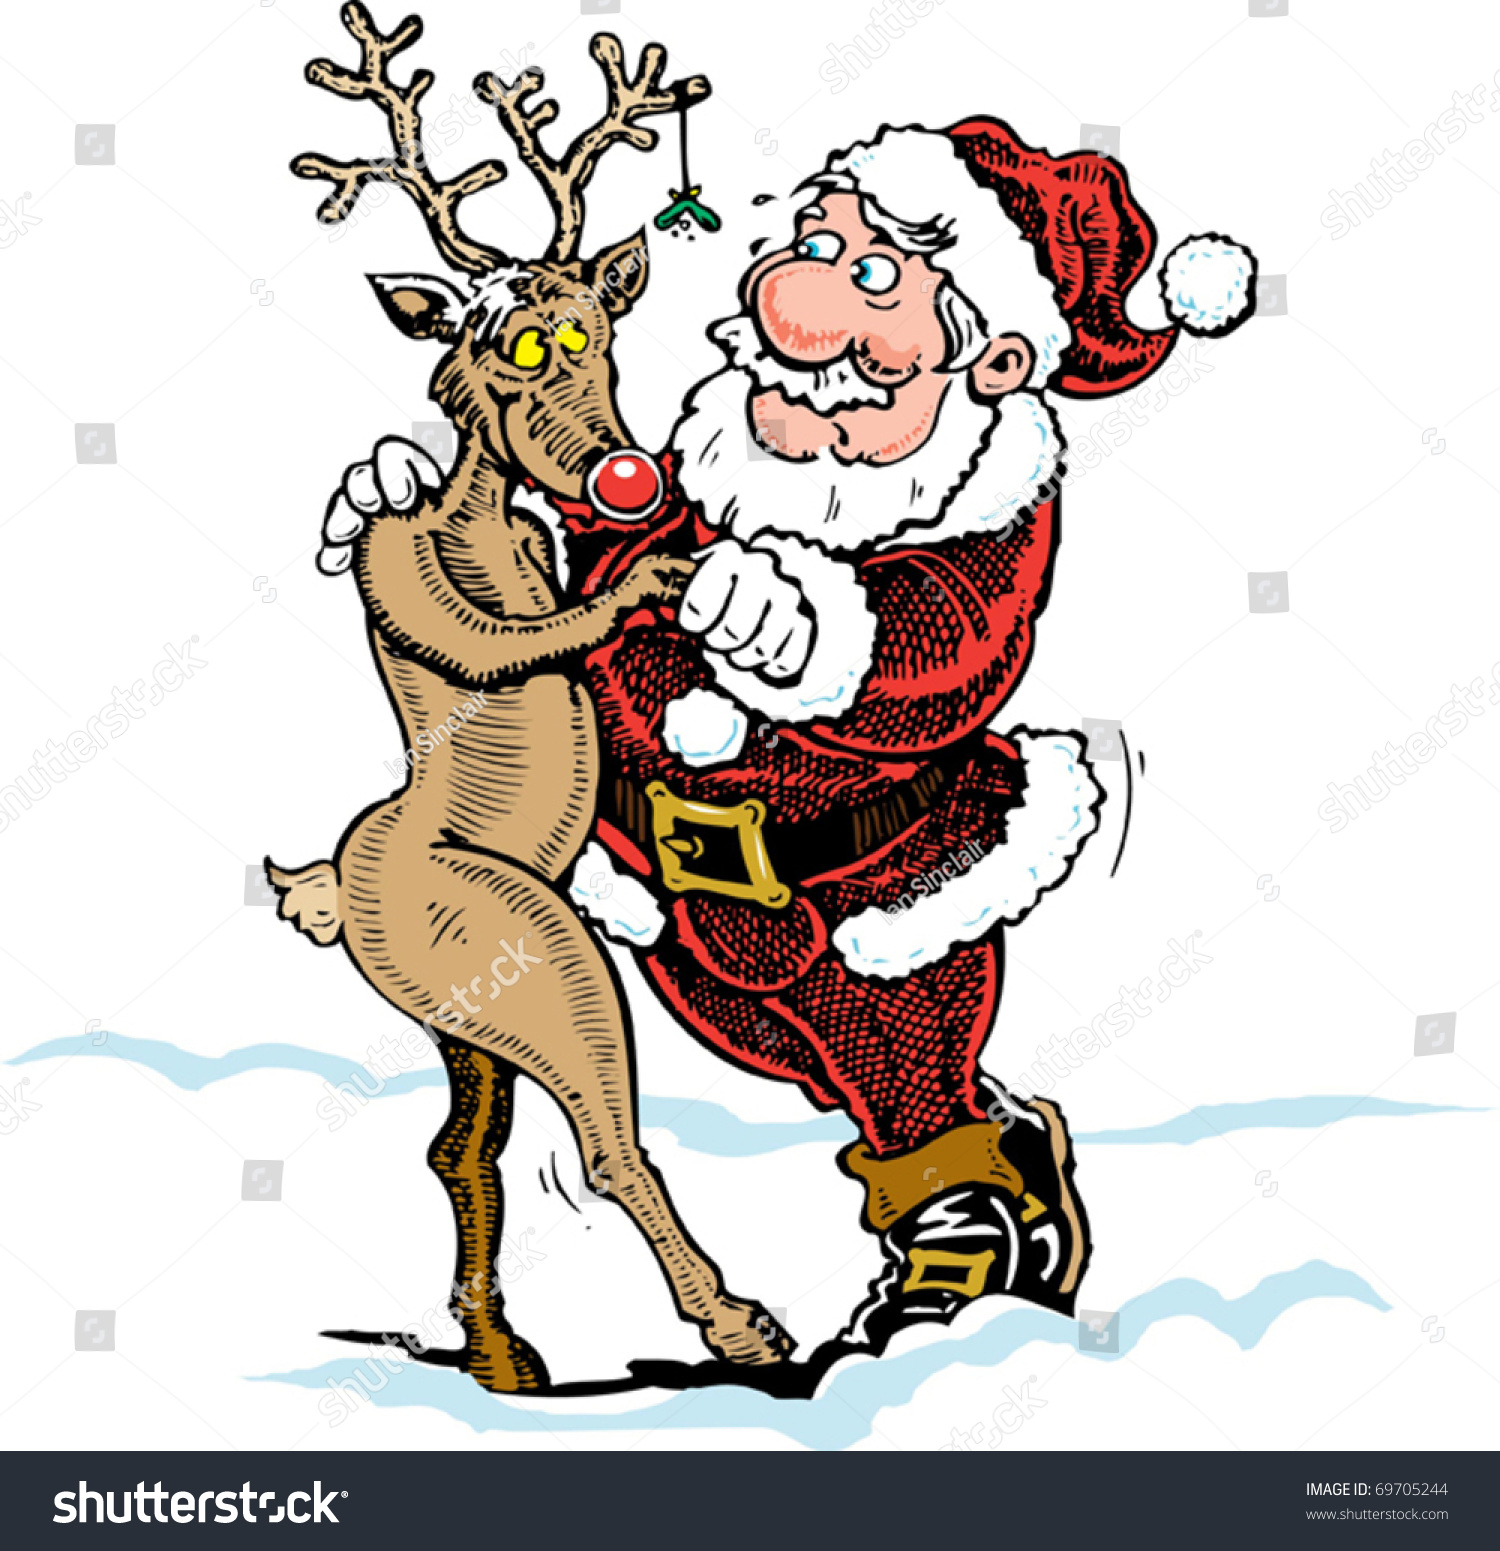 Cartoon Santa Rudolf Reindeer Dancing Snow Stock Vector 69705244 ...